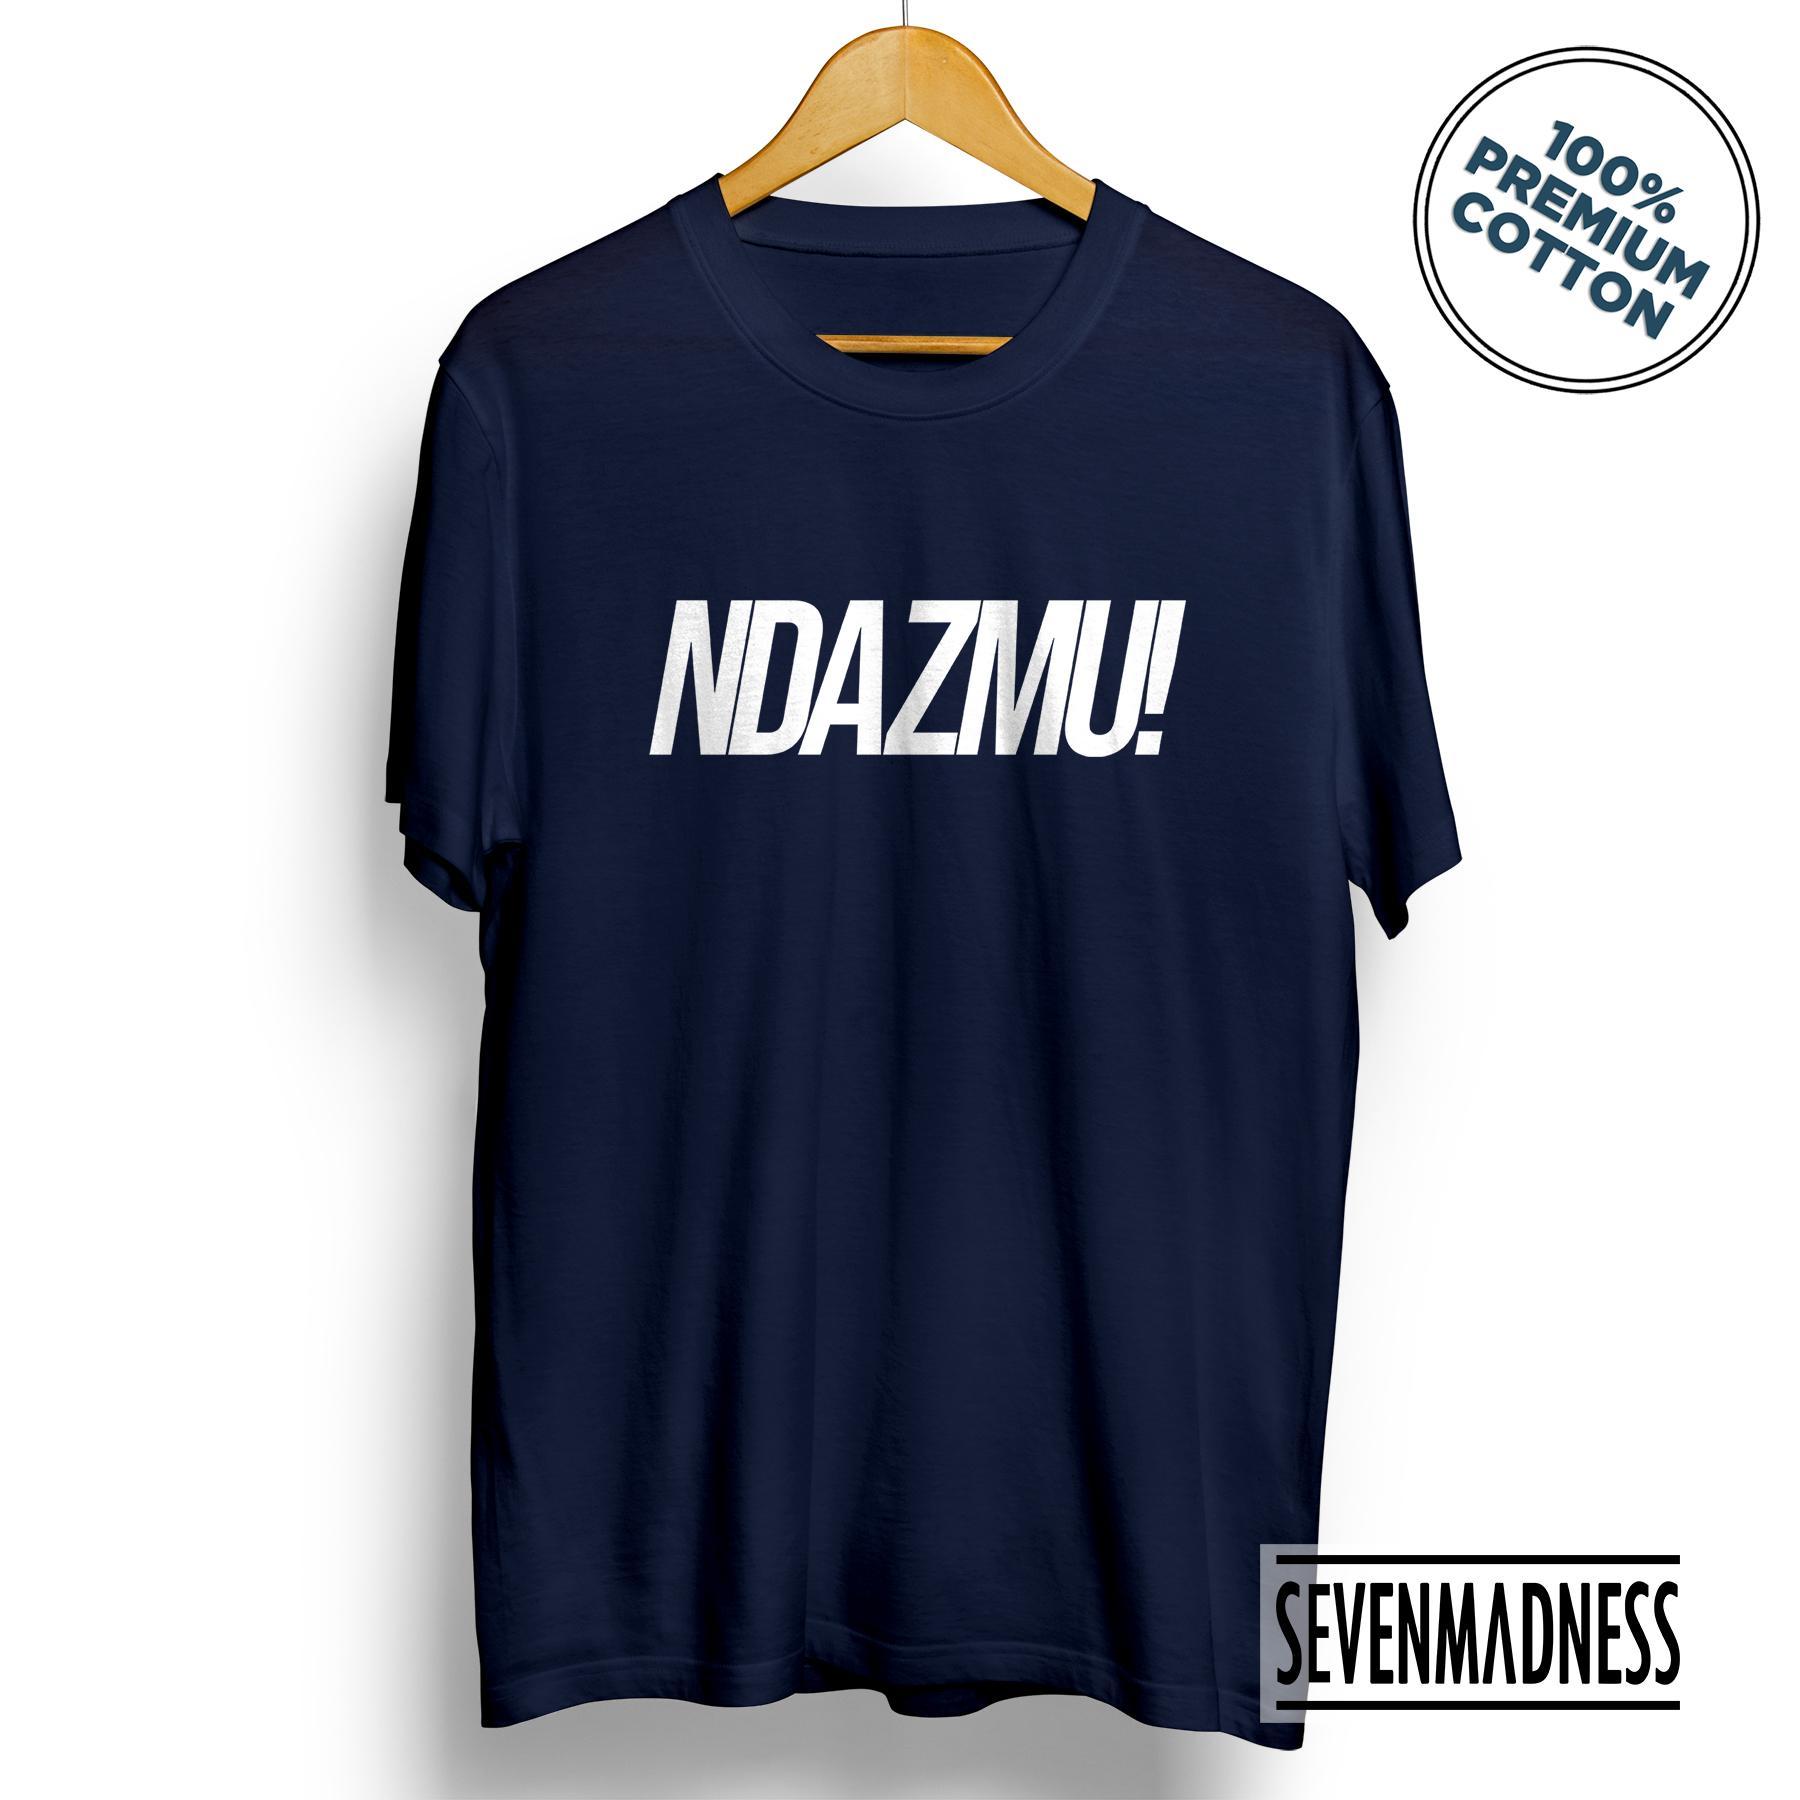 b0b9edb5f69 Sevenmadness - Kaos T-shirt Distro Tshirt Pria   Wanita   Kaos Kata Kata